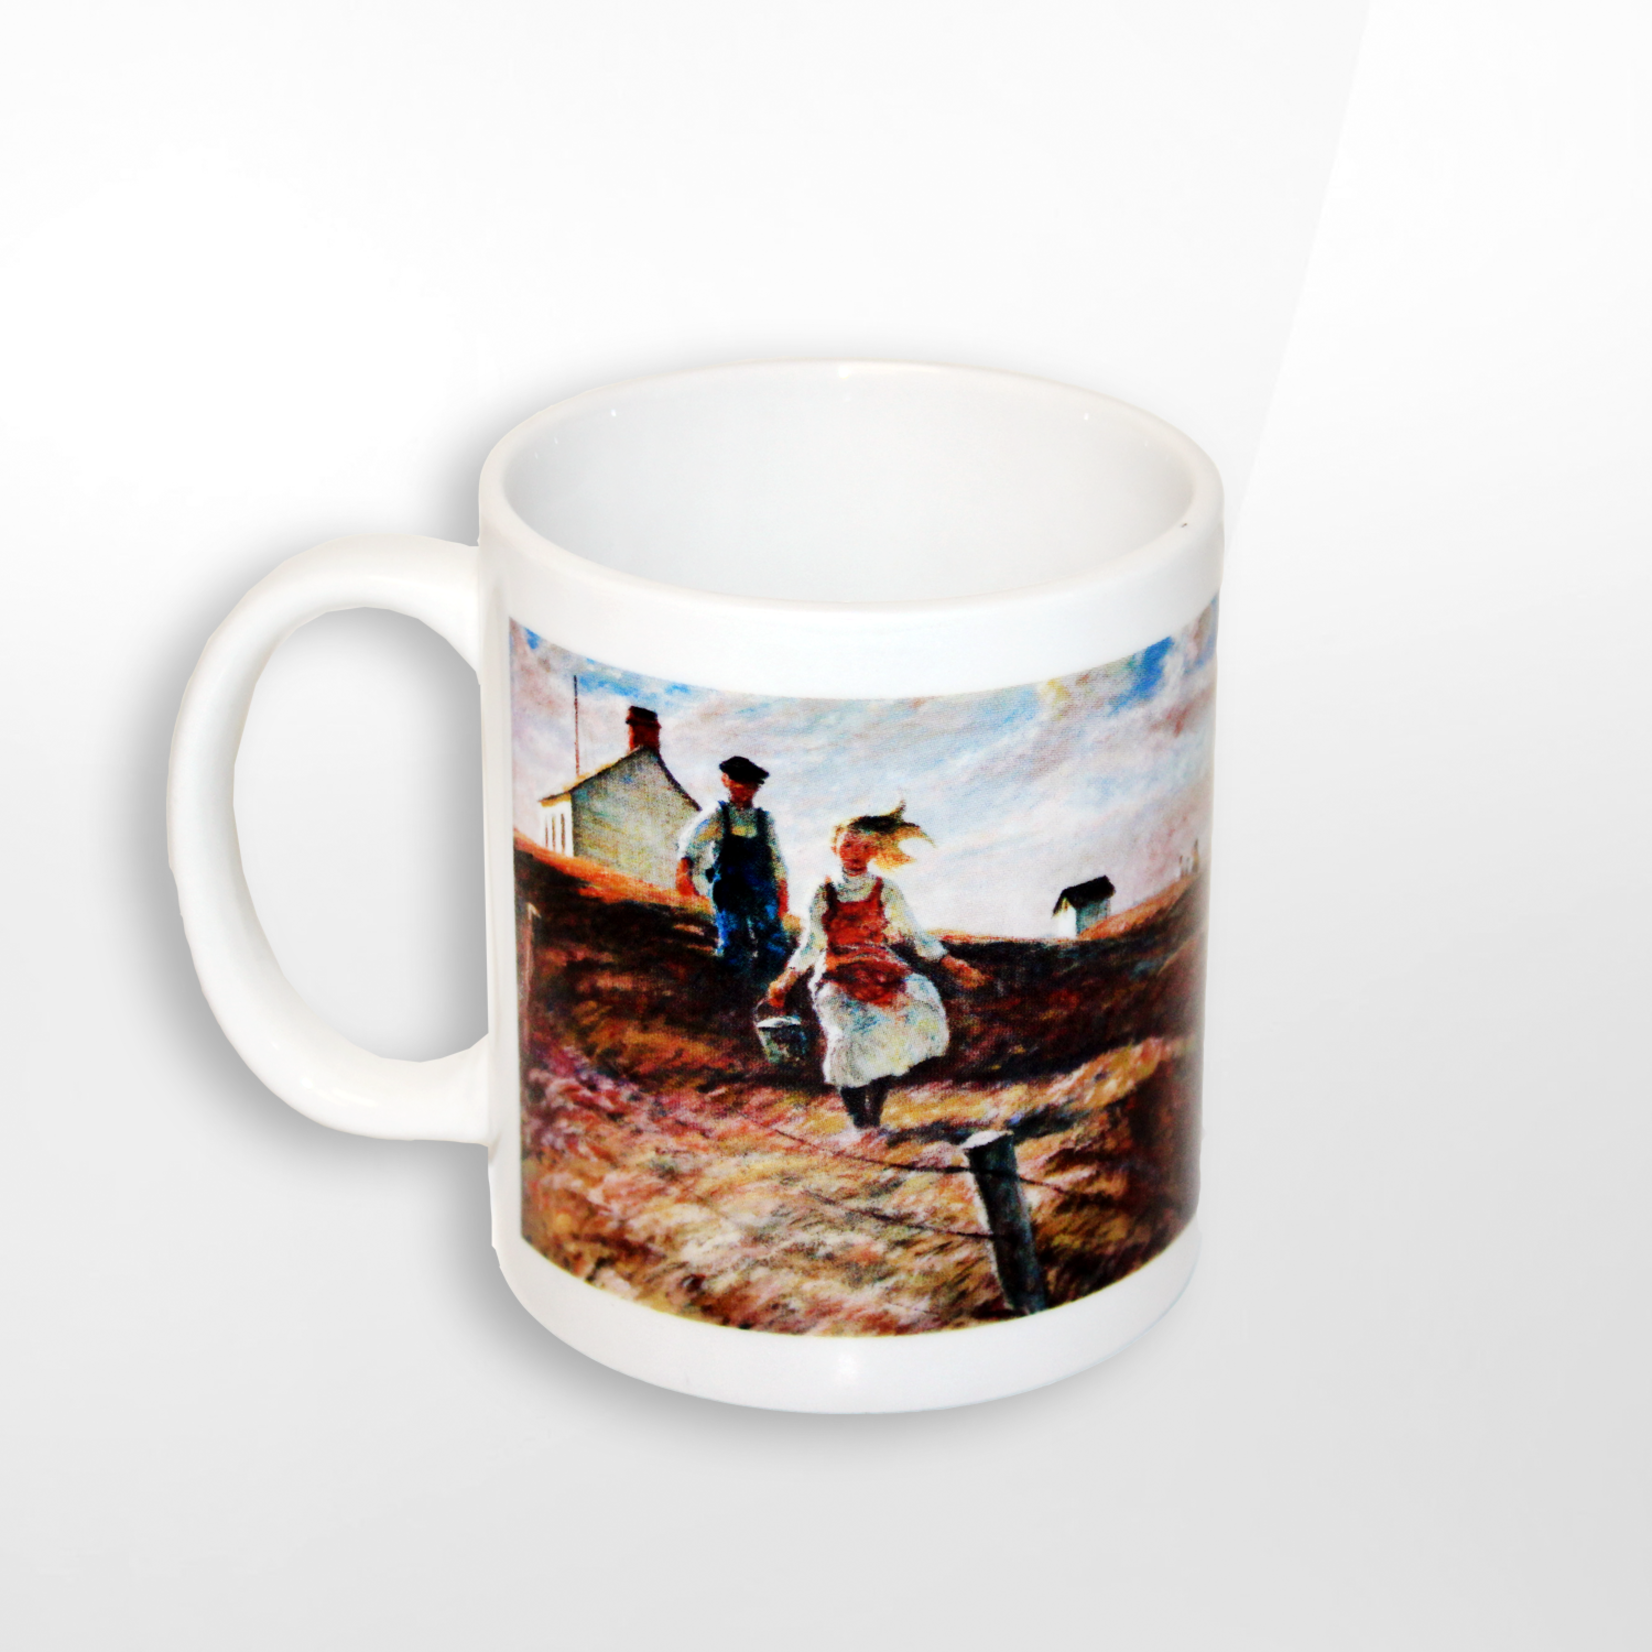 Dunn Merchandise Harvey Dunn Mugs, HDM201